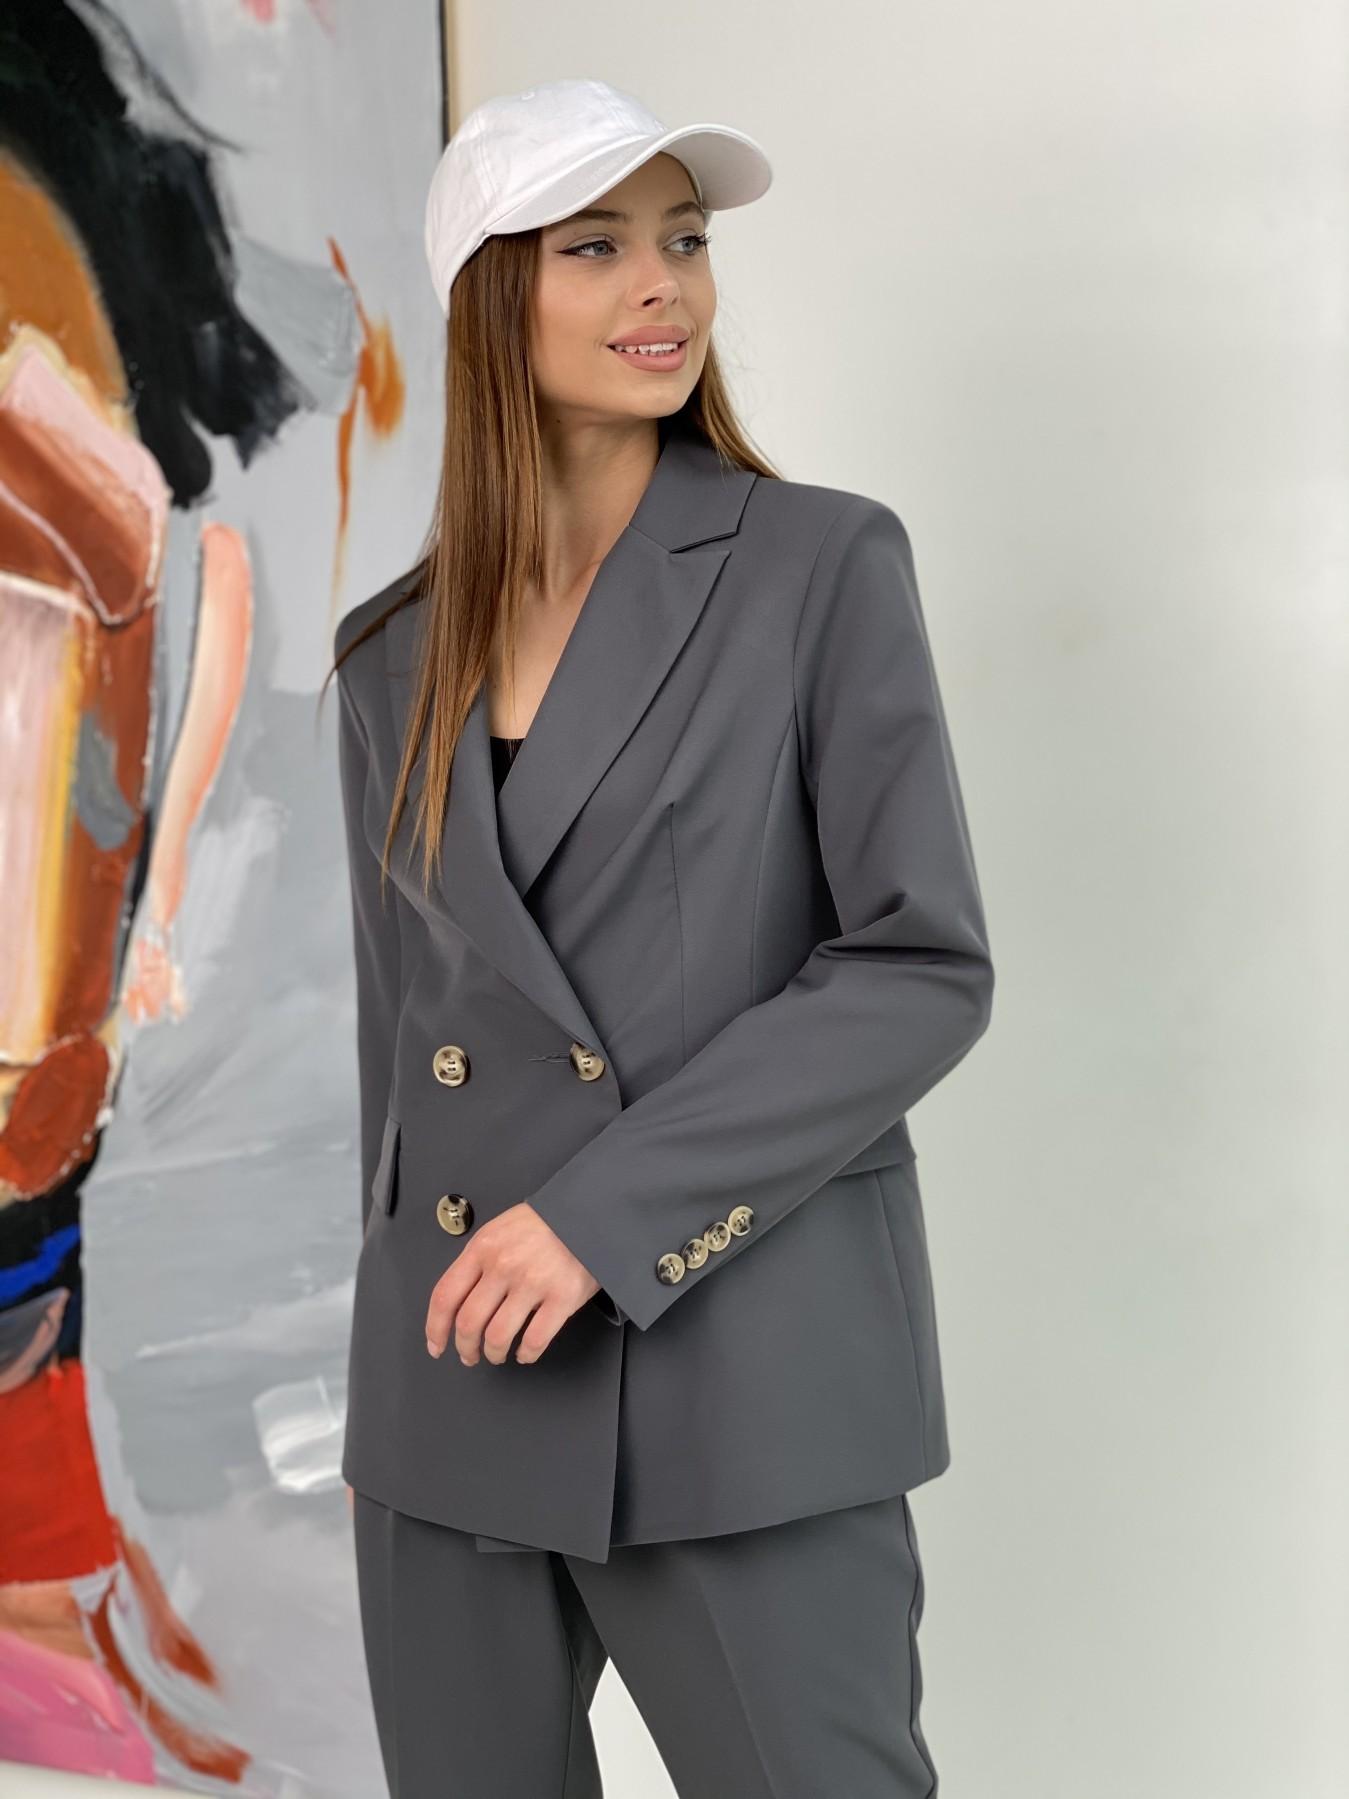 Франко костюм из костюмной ткани 11090 АРТ. 47975 Цвет: Графит - фото 6, интернет магазин tm-modus.ru